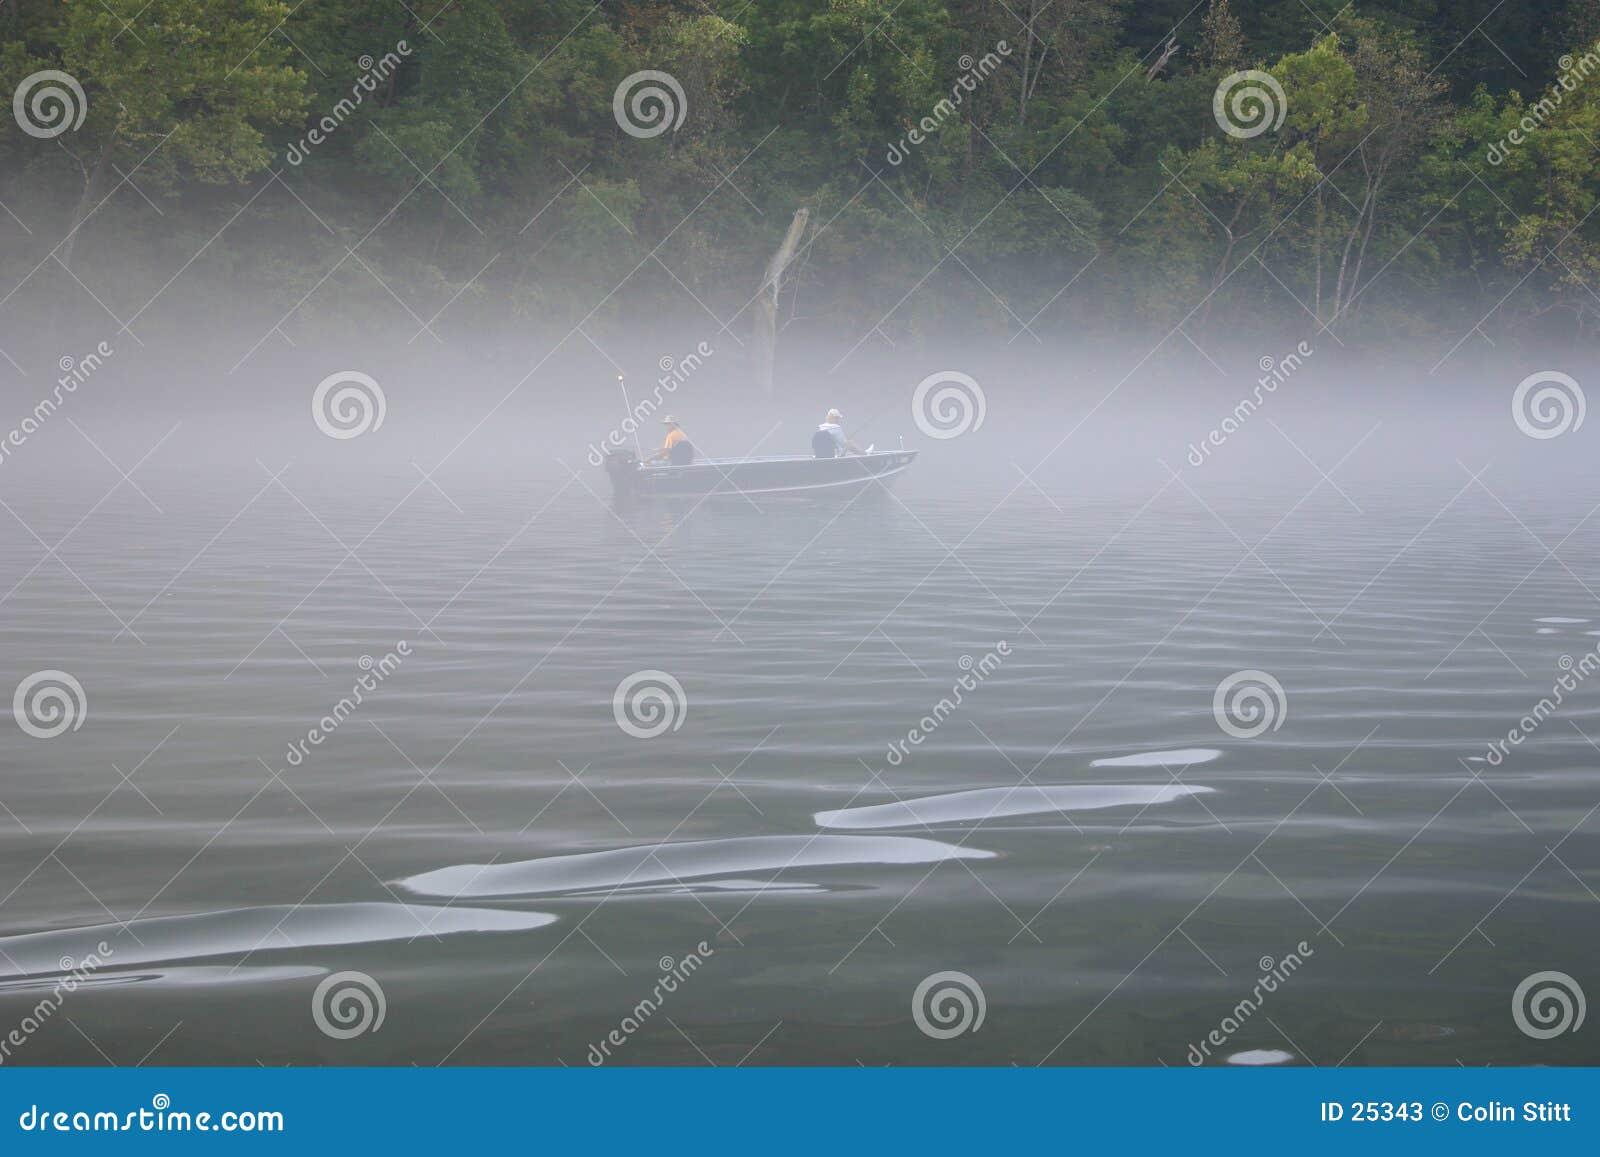 Fischerei vom Boot